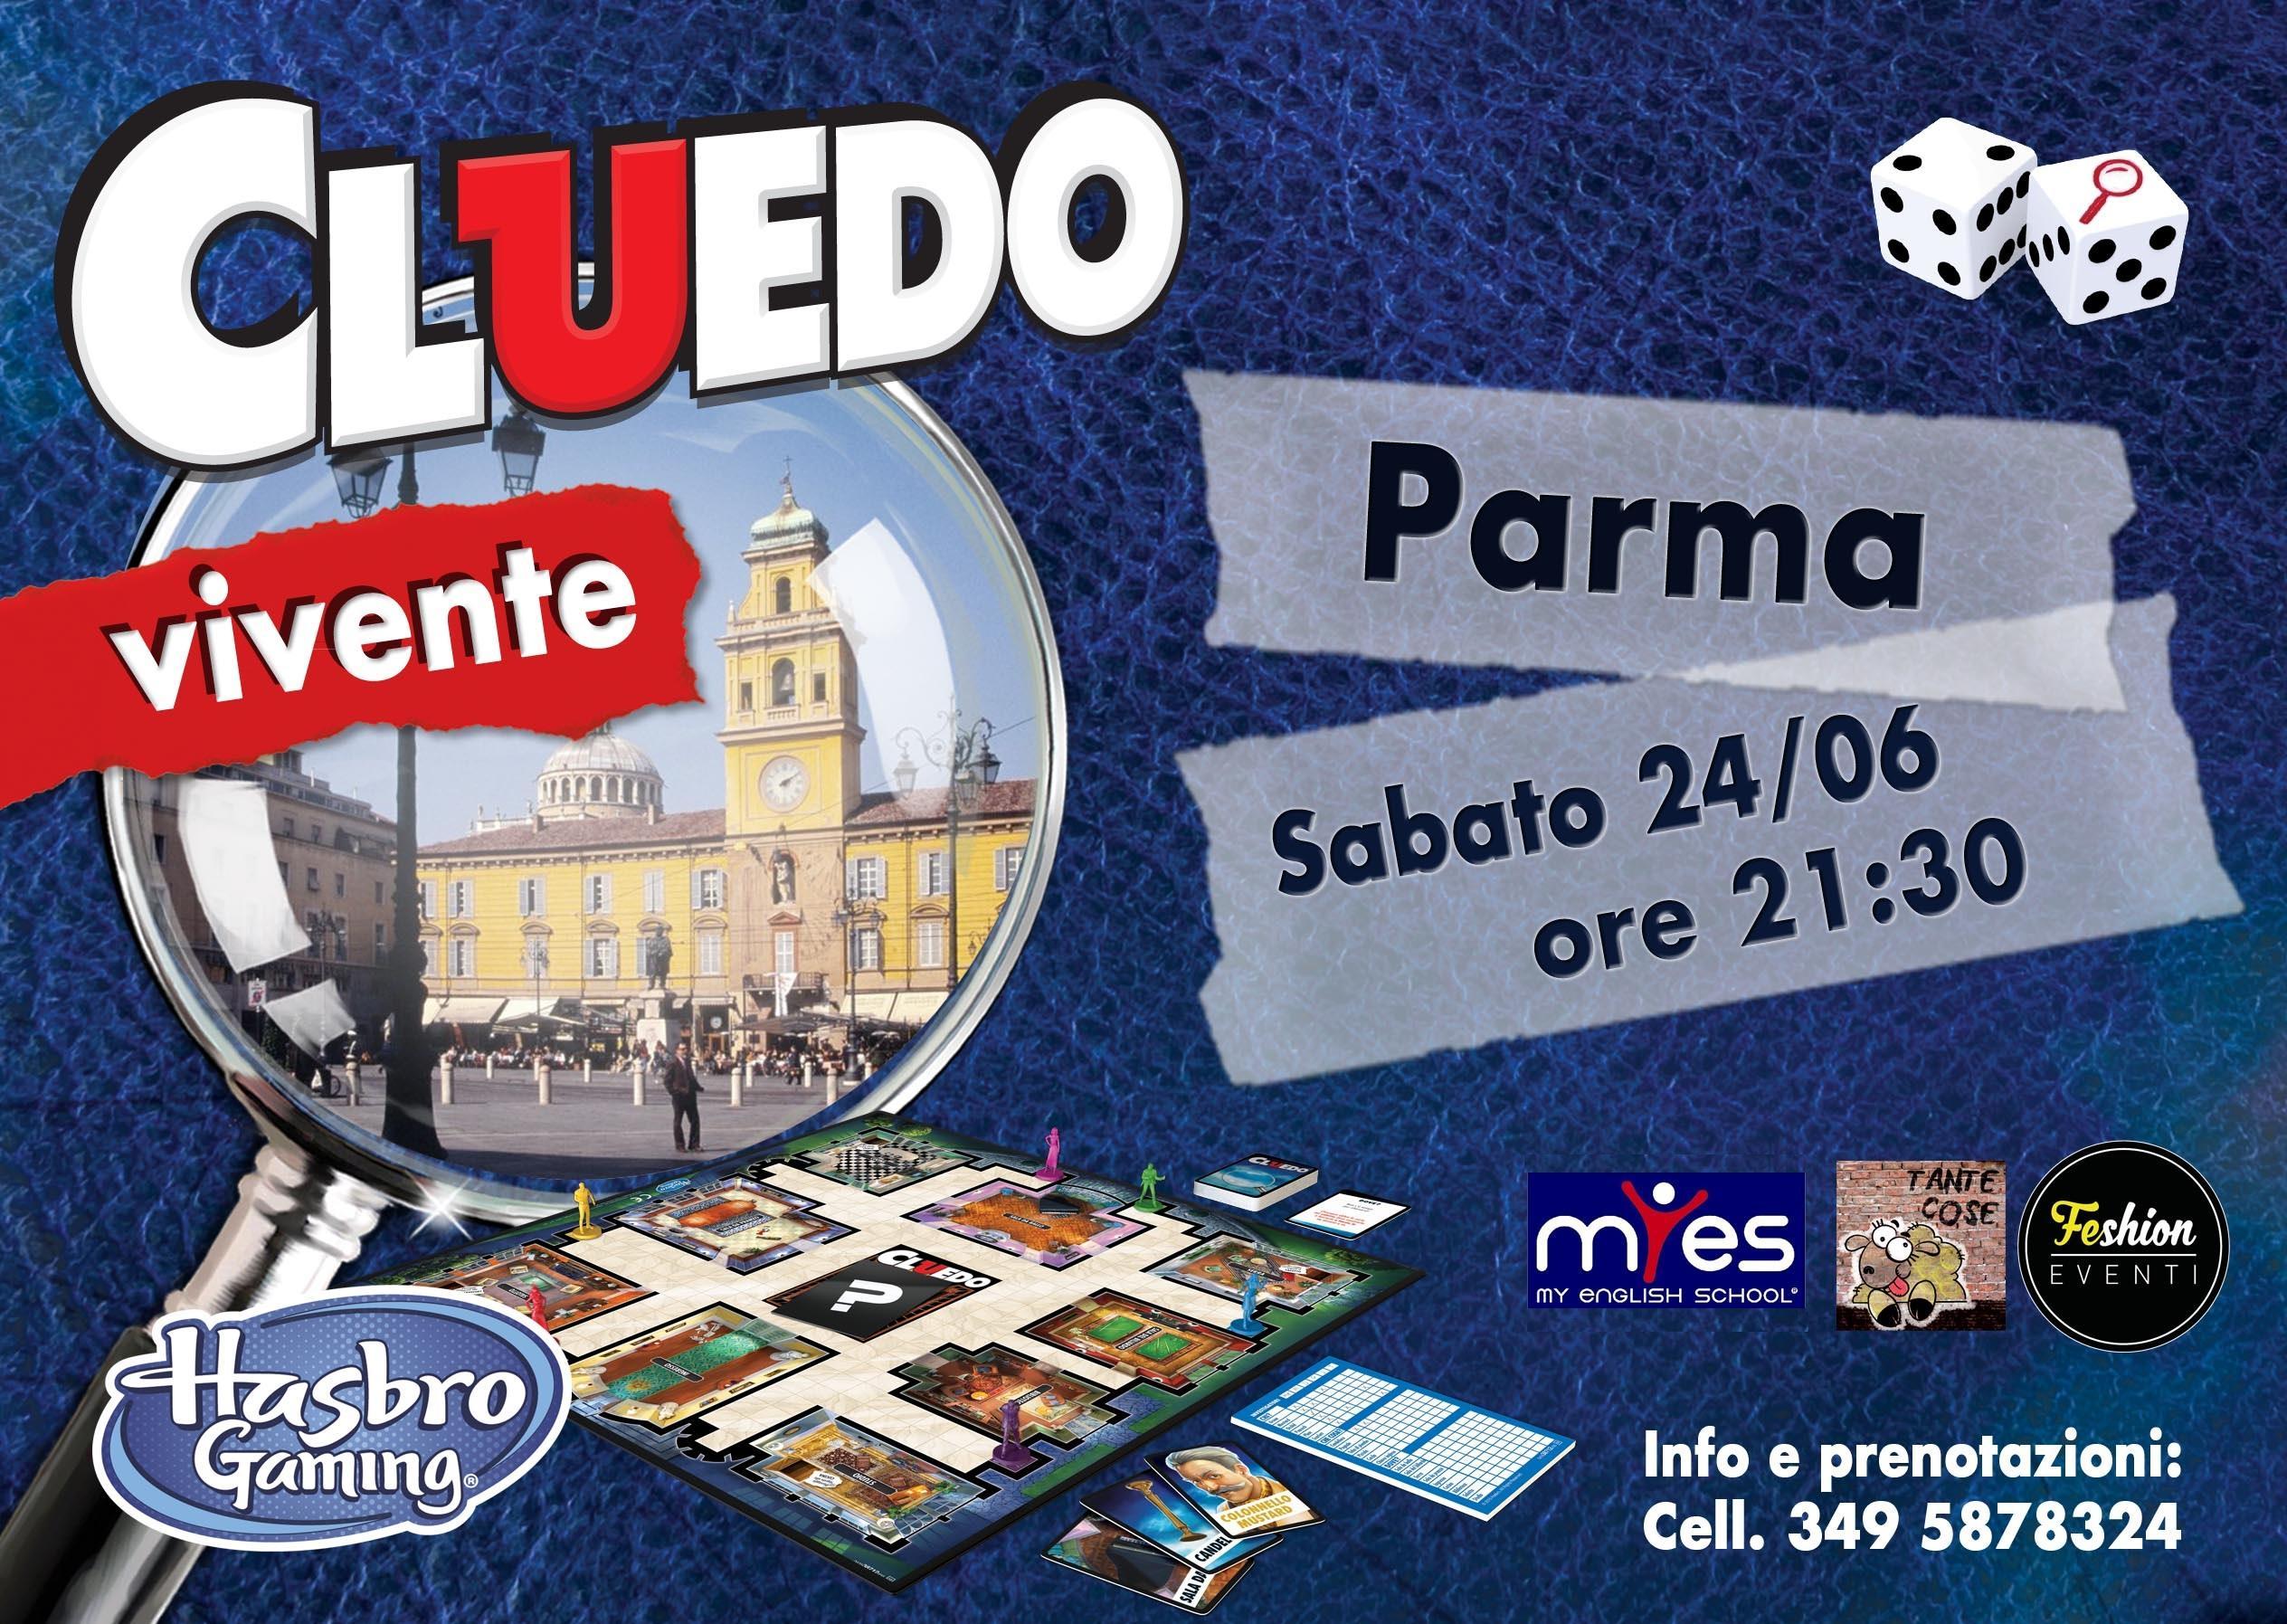 Cluedo Parma